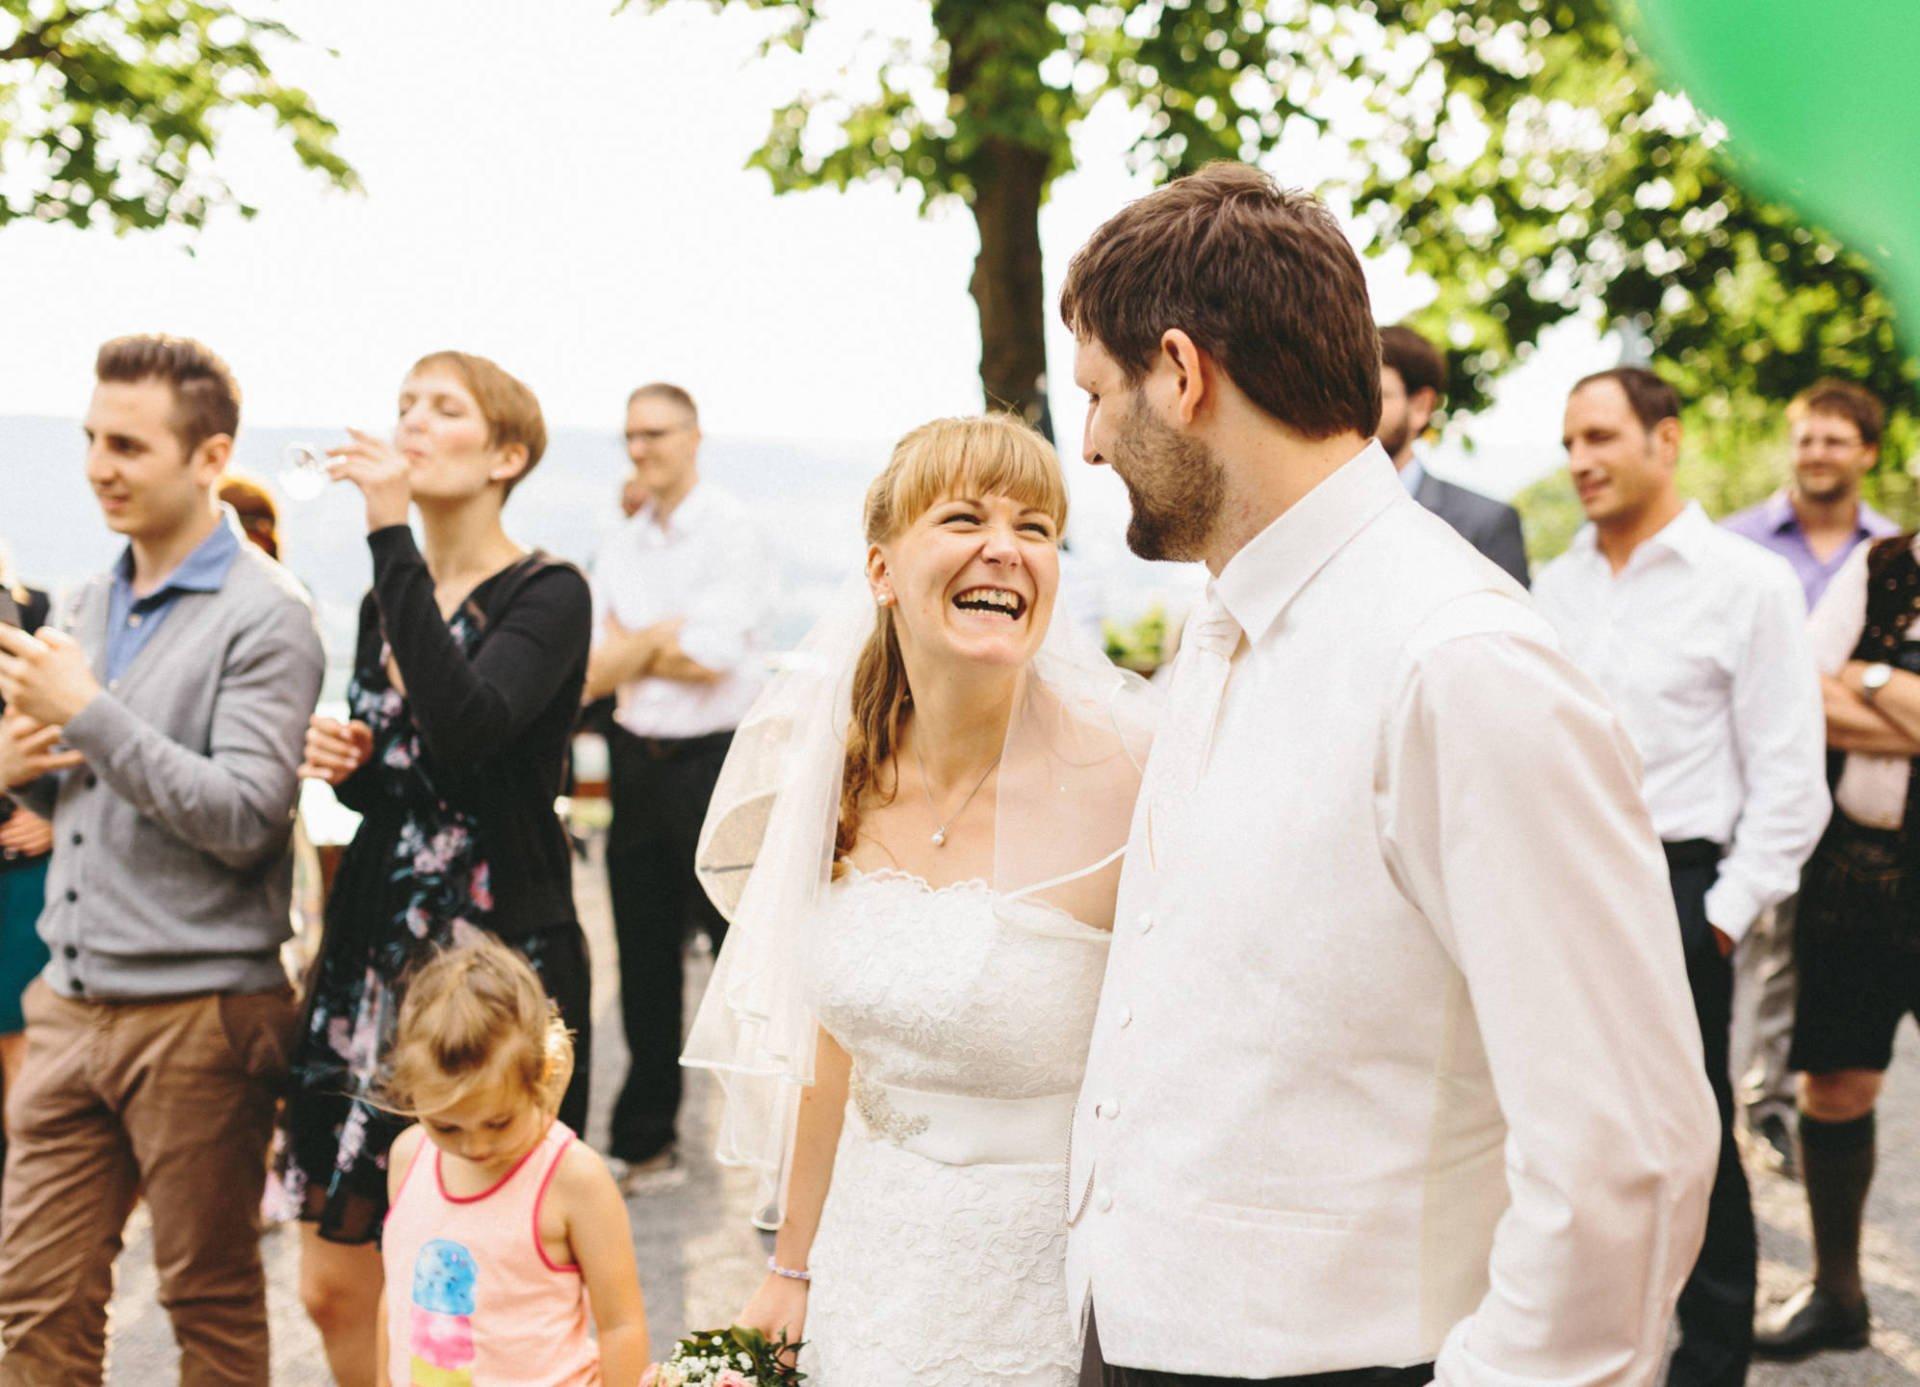 Bayrische Hochzeit 40 - Bayrische Jagdhüttenhochzeit in Thüringen